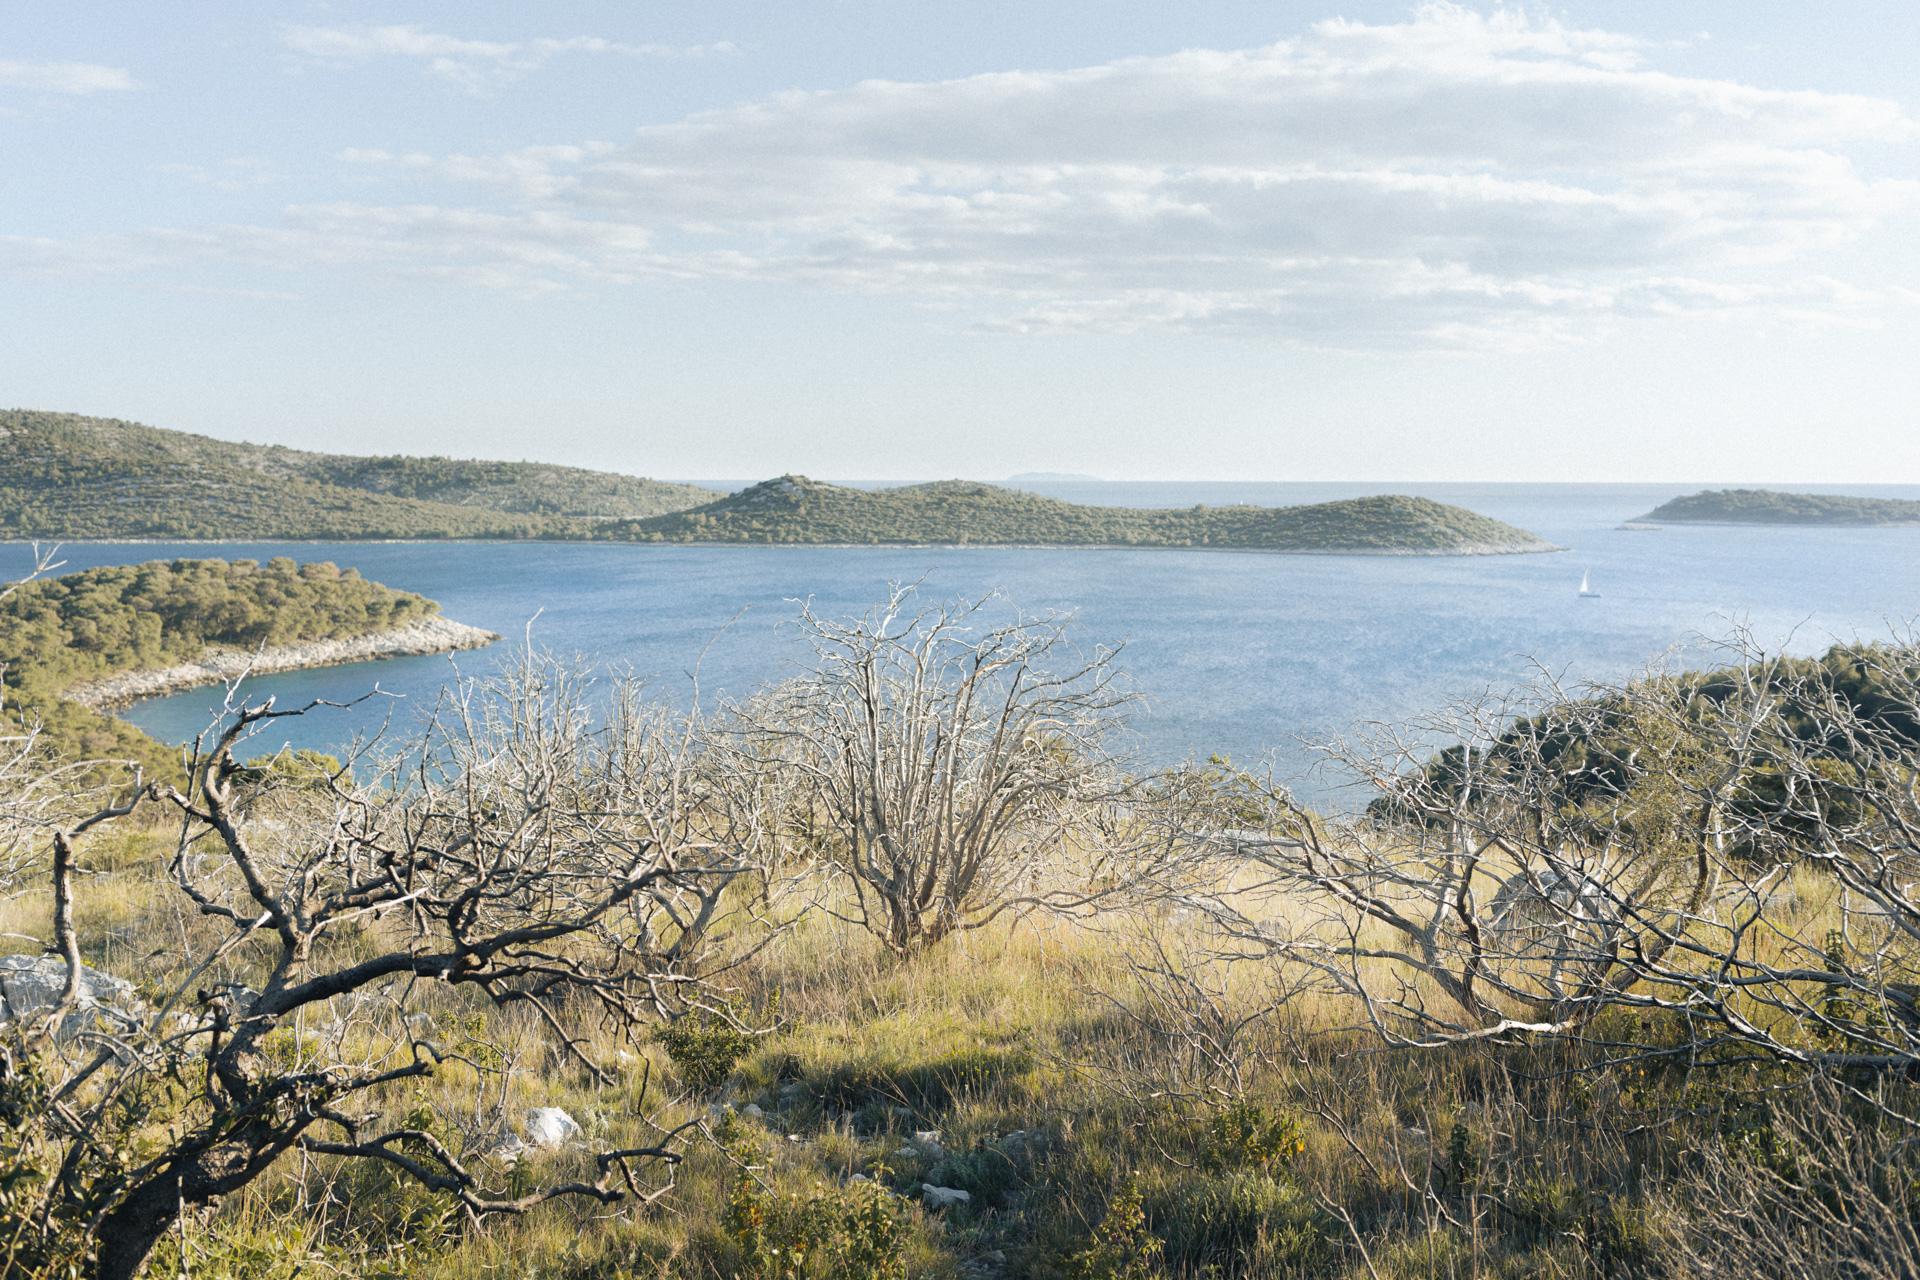 Überblick über kroatische Inseln